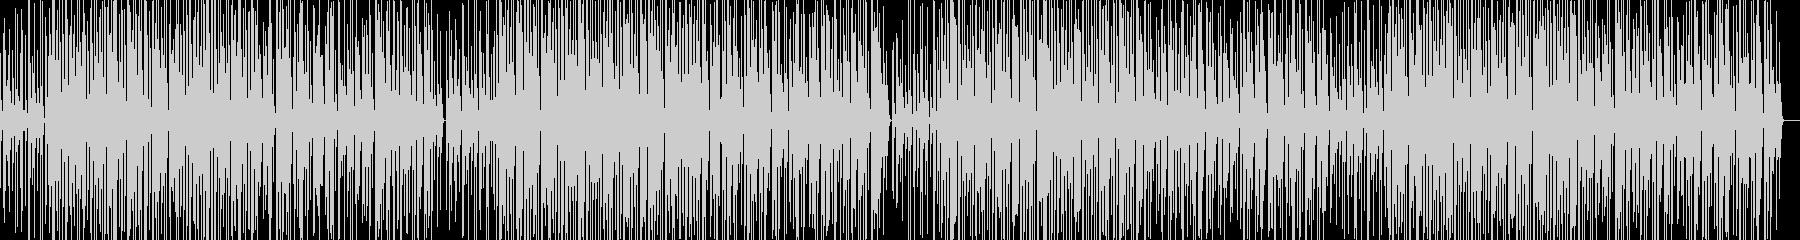 日常・ほのぼのマリンバメイン aの未再生の波形